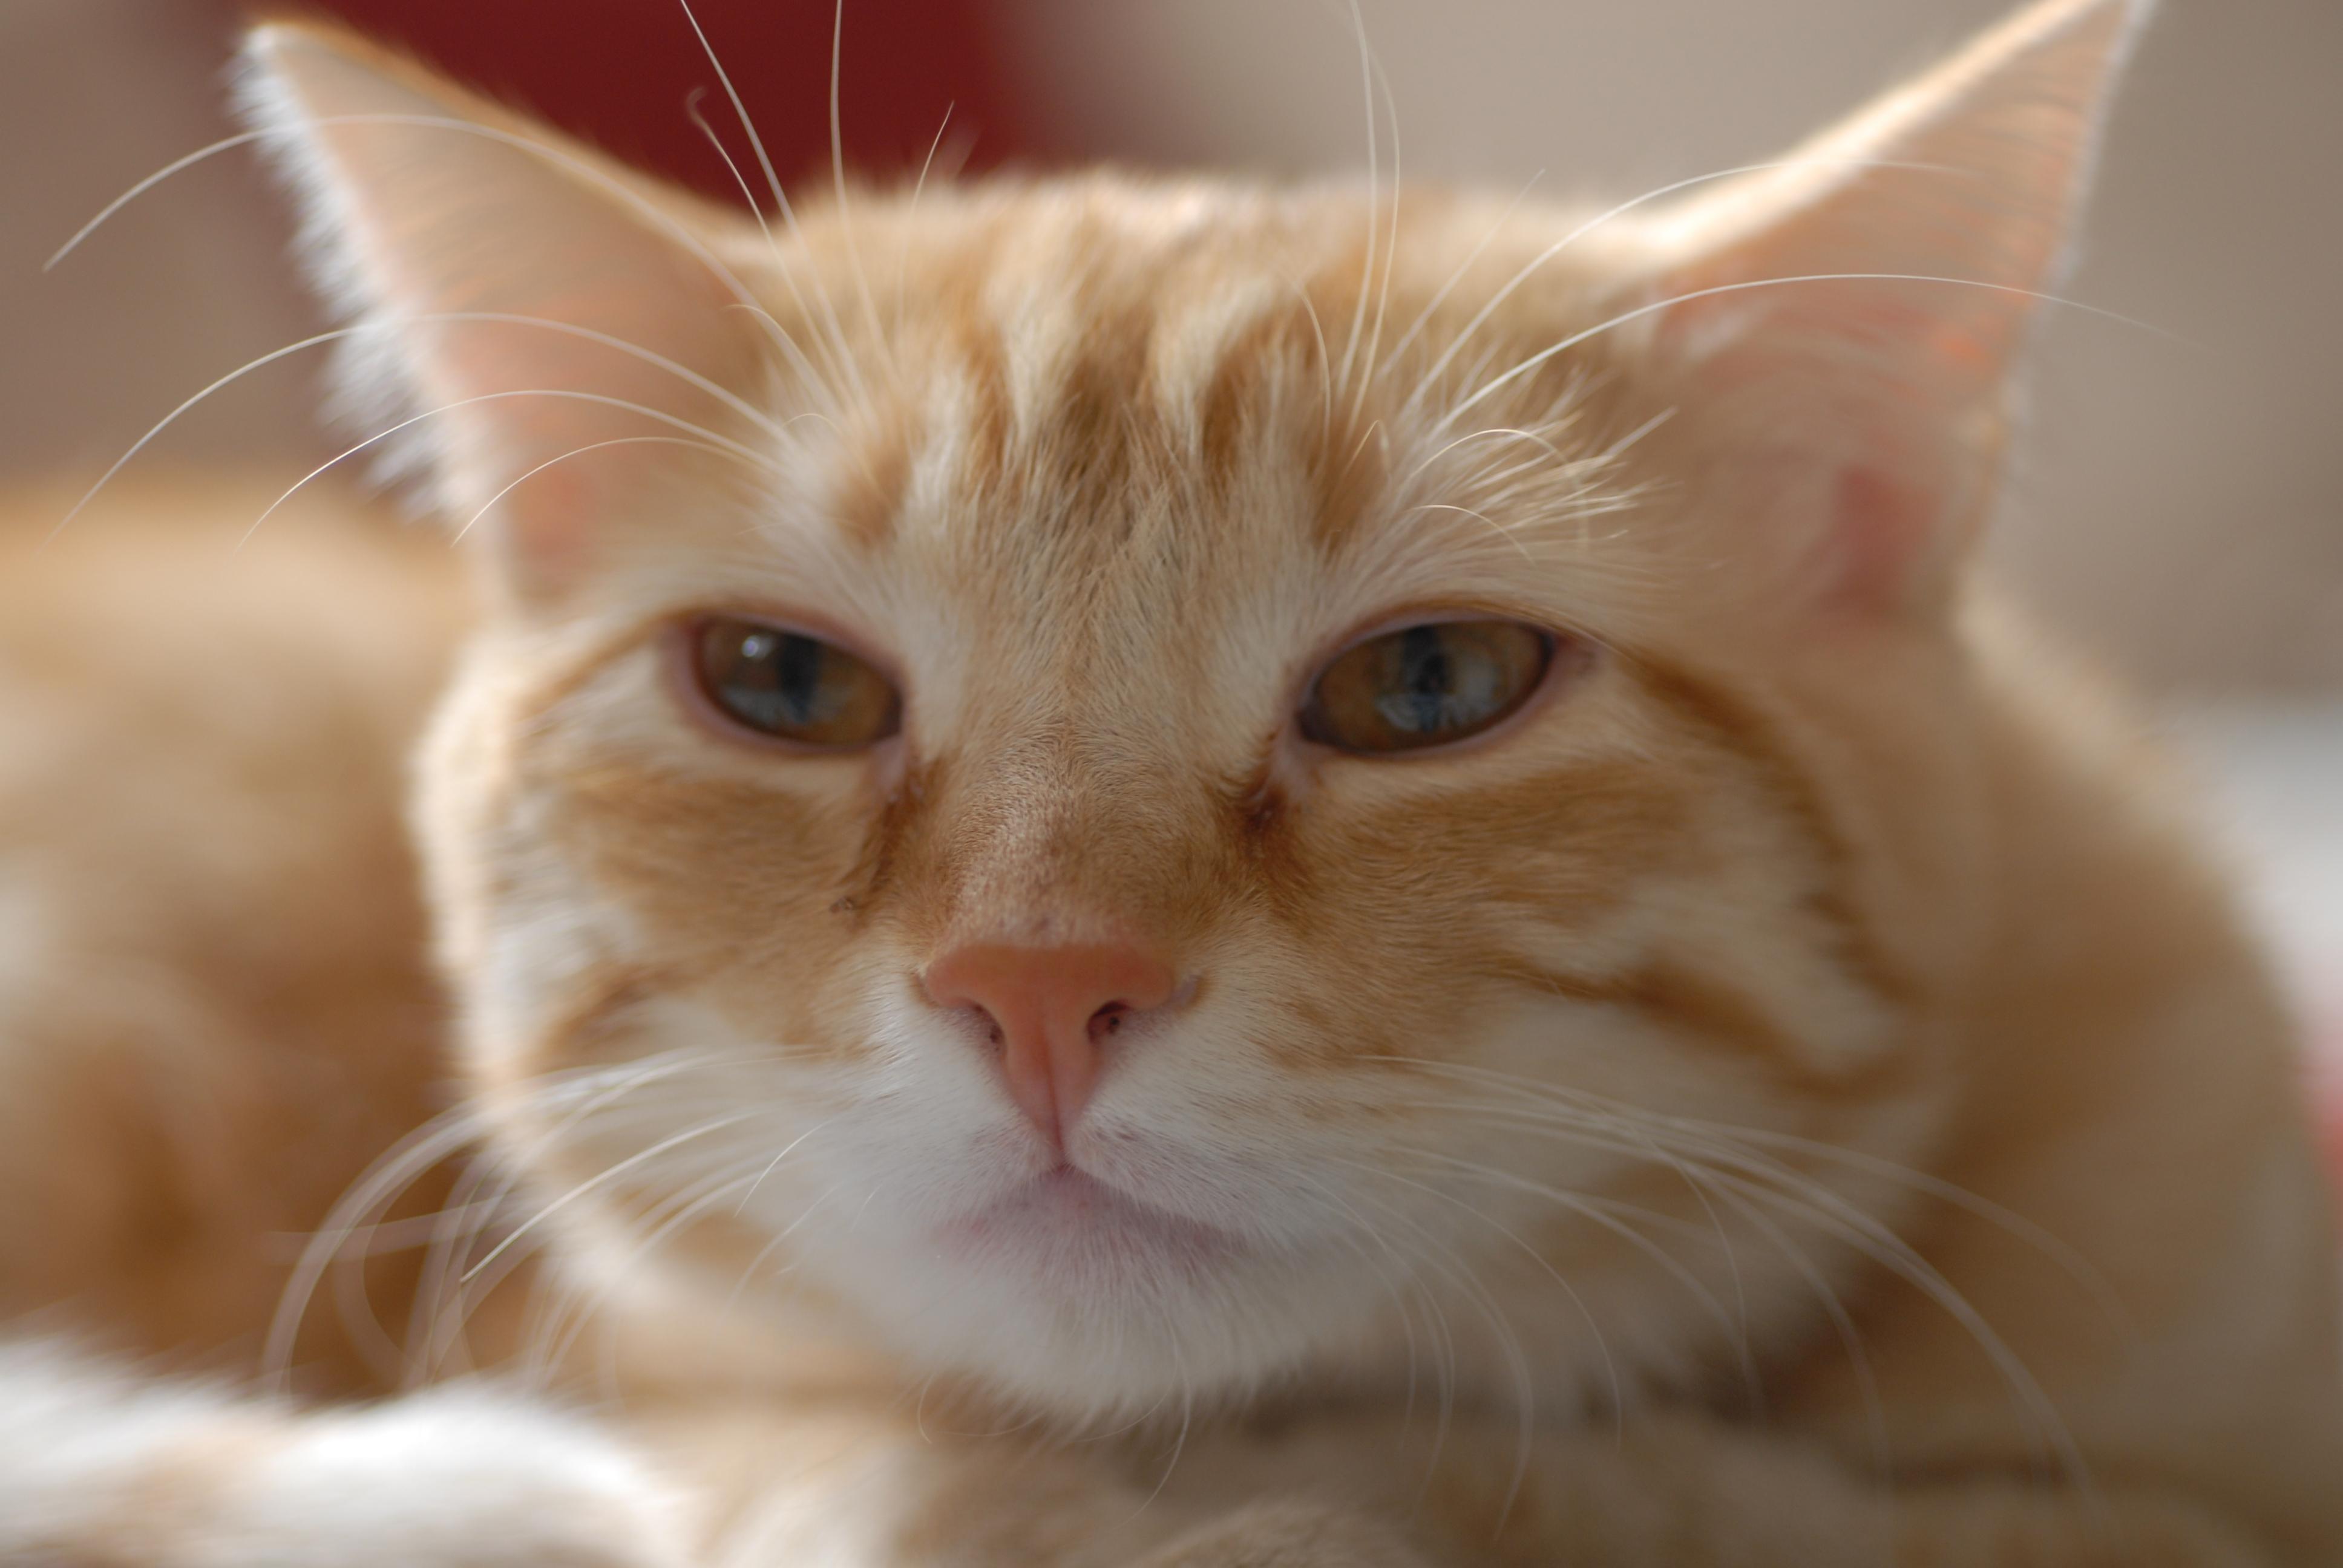 Fileeuropean Shorthair Portrait Garfieldjpg Wikimedia